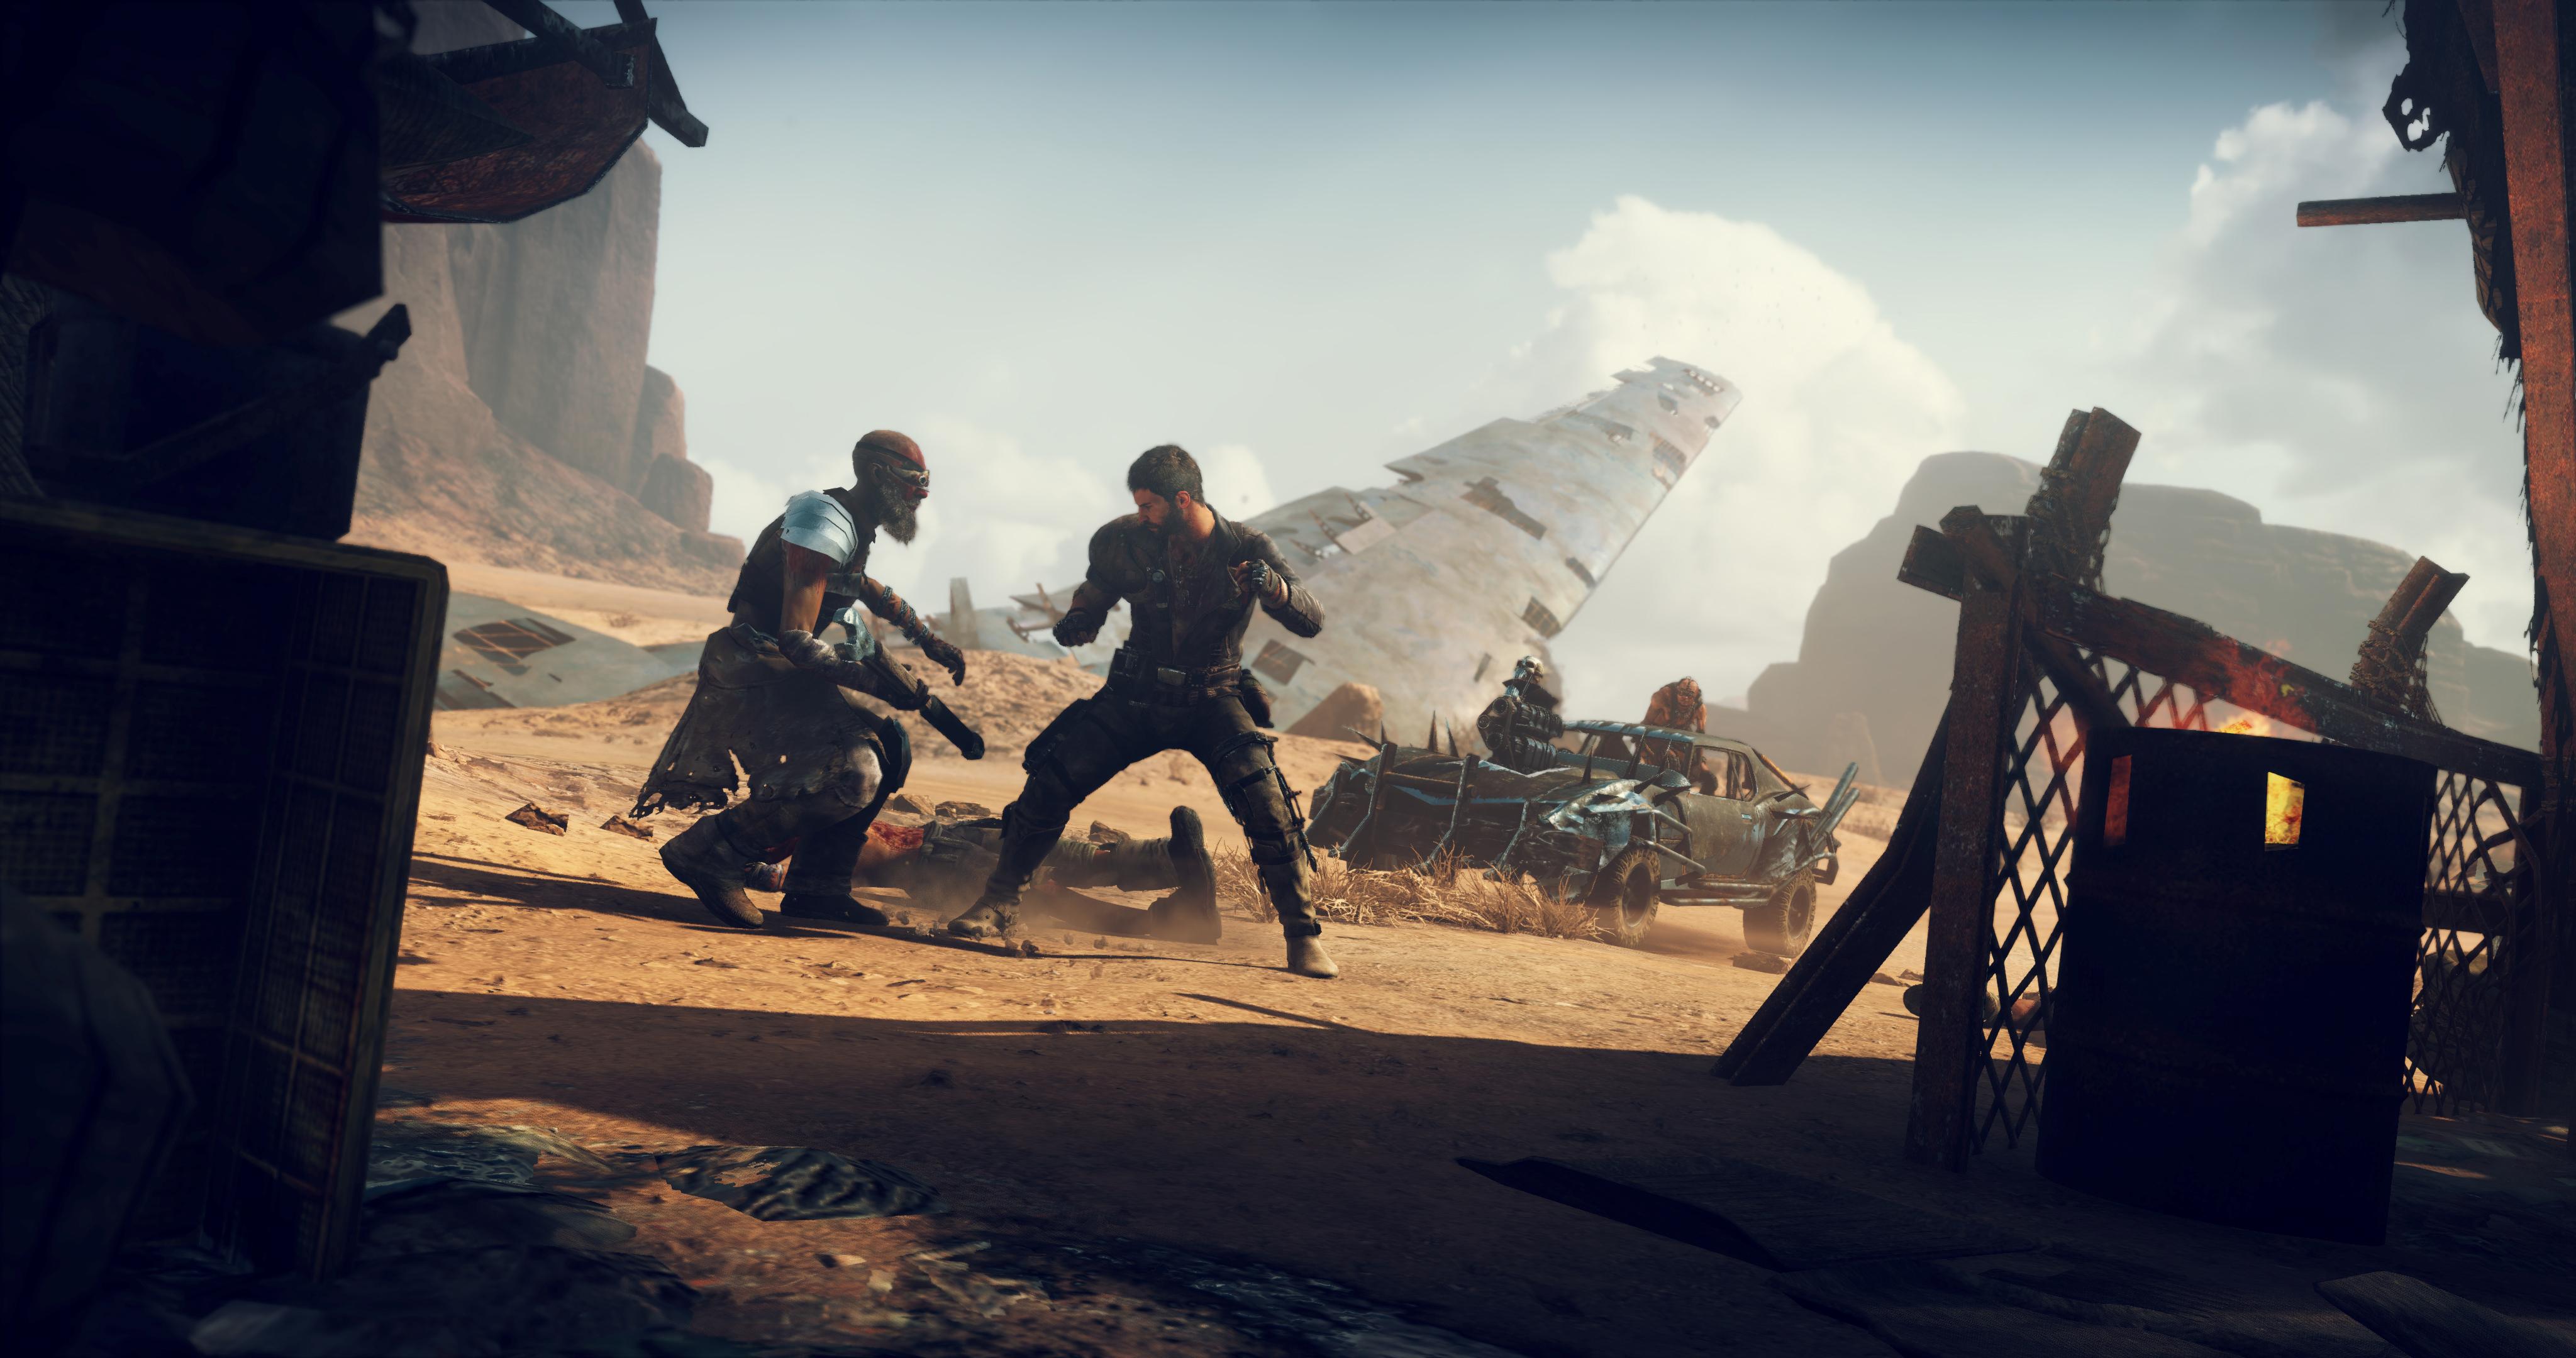 Mad Max to gra akcji stworzona przez Avalanche Studios i luźno powiązana z filmową serią pod tym samym tytułem. Akcję gry osadzono w niebezpiecznym, postapokaliptycznym świecie.